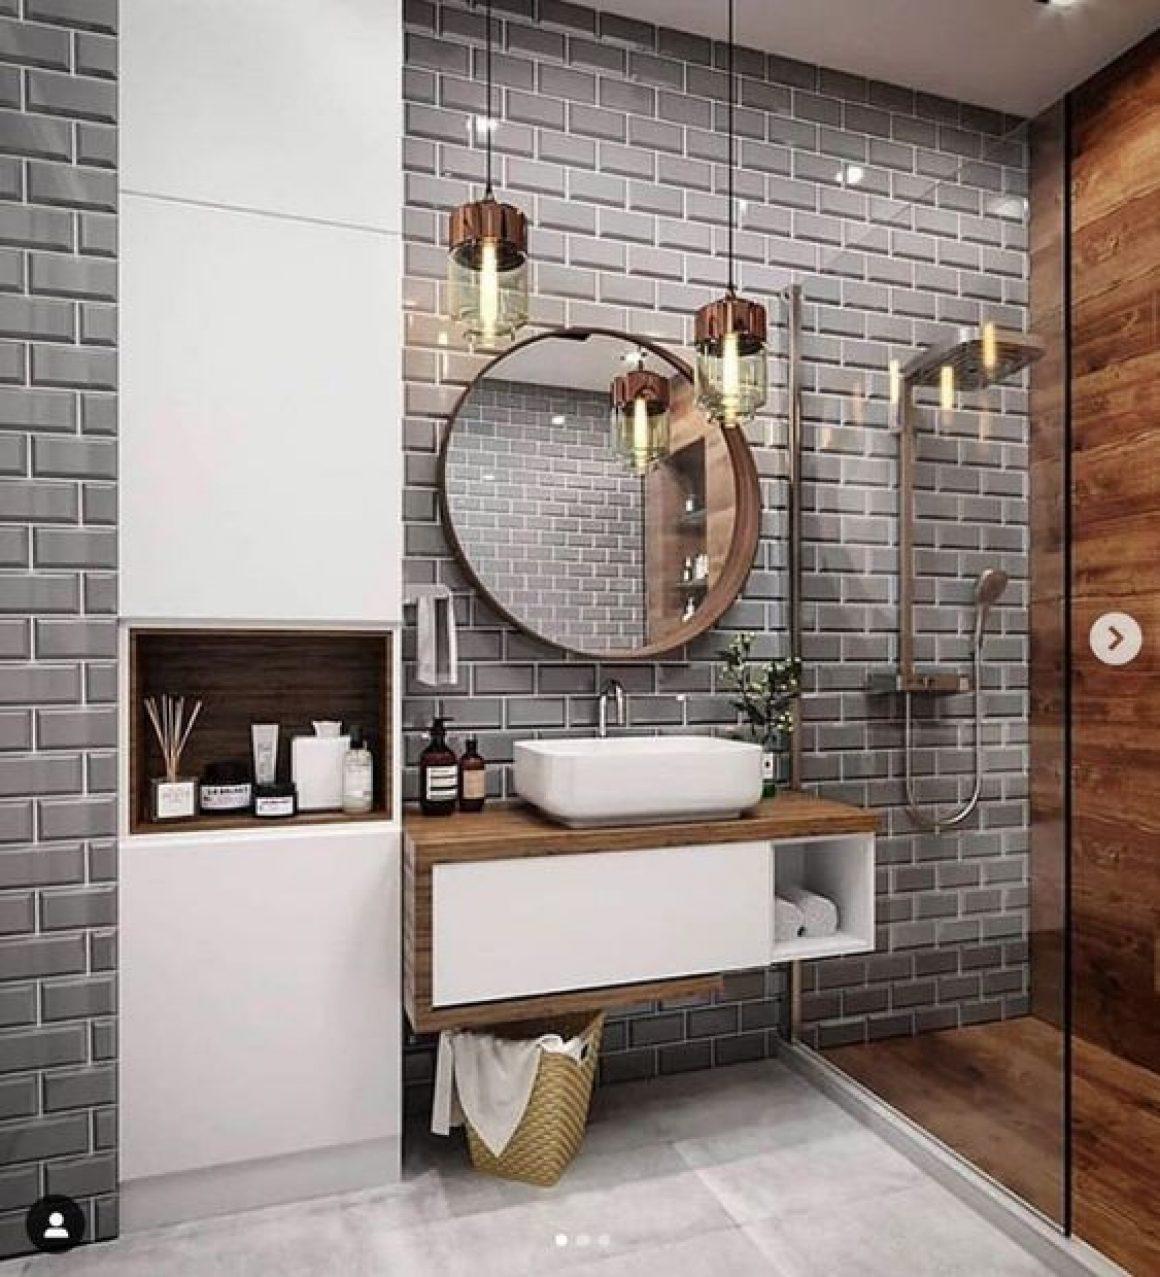 Kết quả hình ảnh cho phòng tắm đẹp